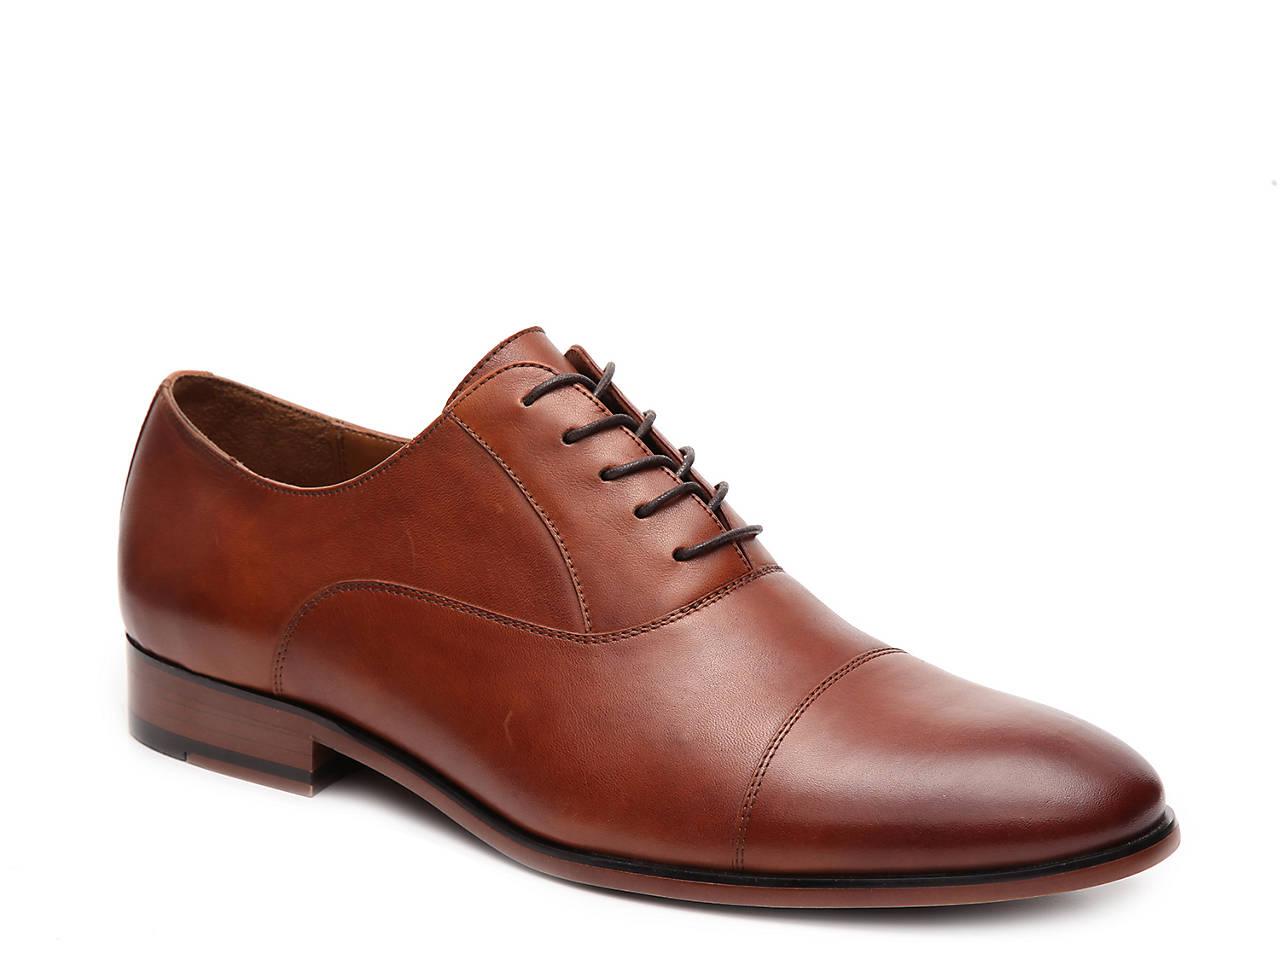 Aldo Mens Shoes Dsw